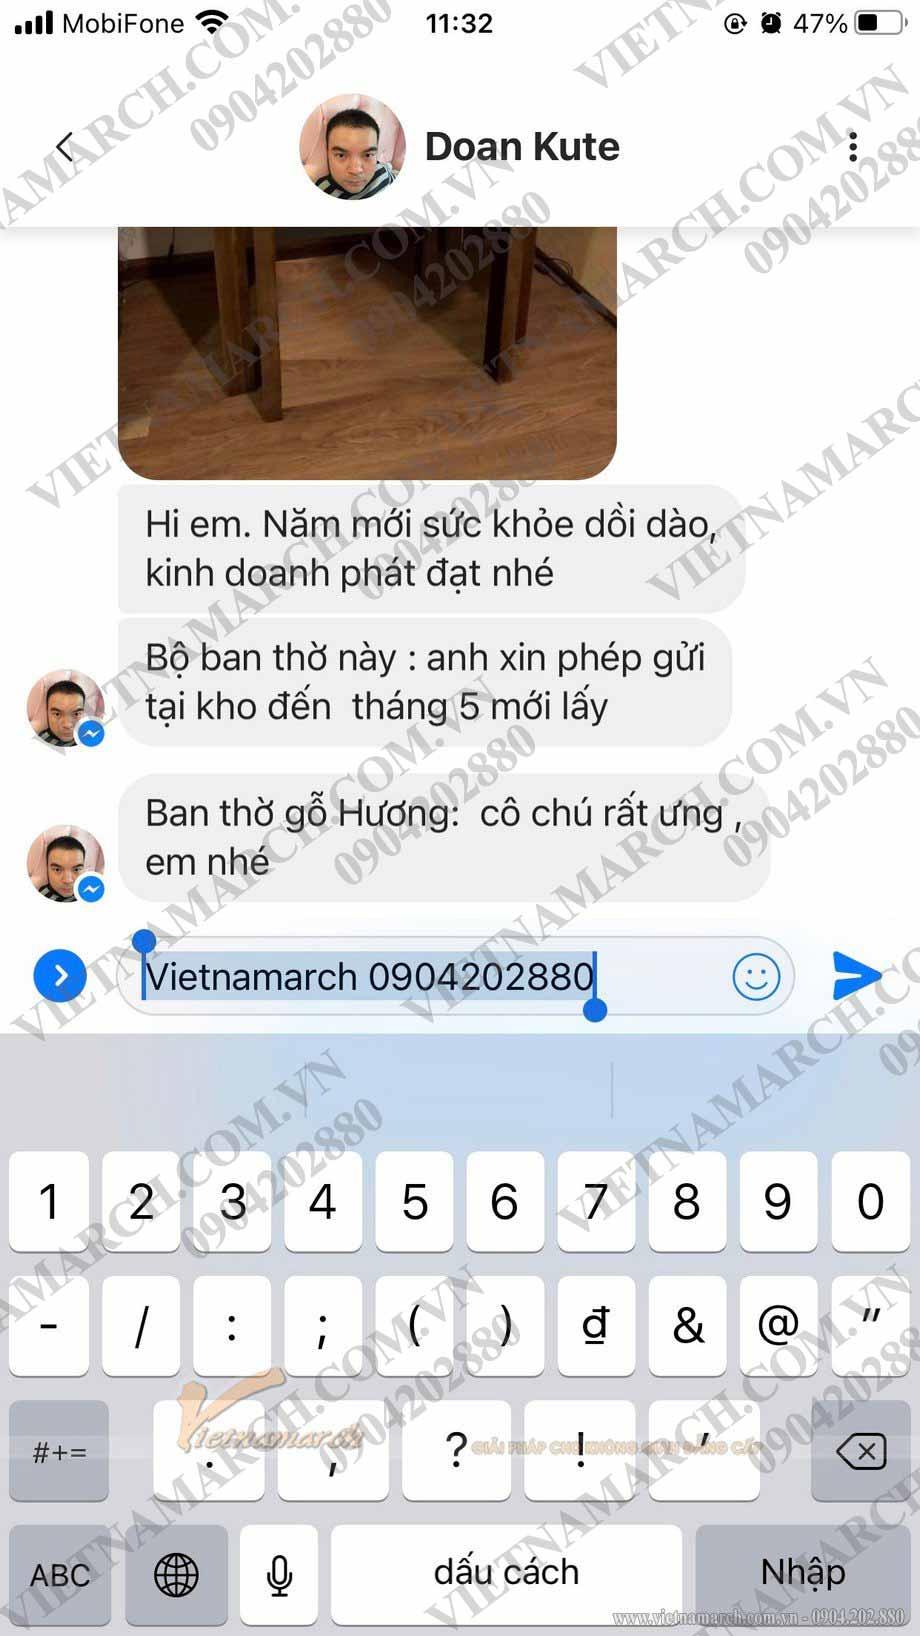 Đánh giá của khách hàng tại Hà Nội